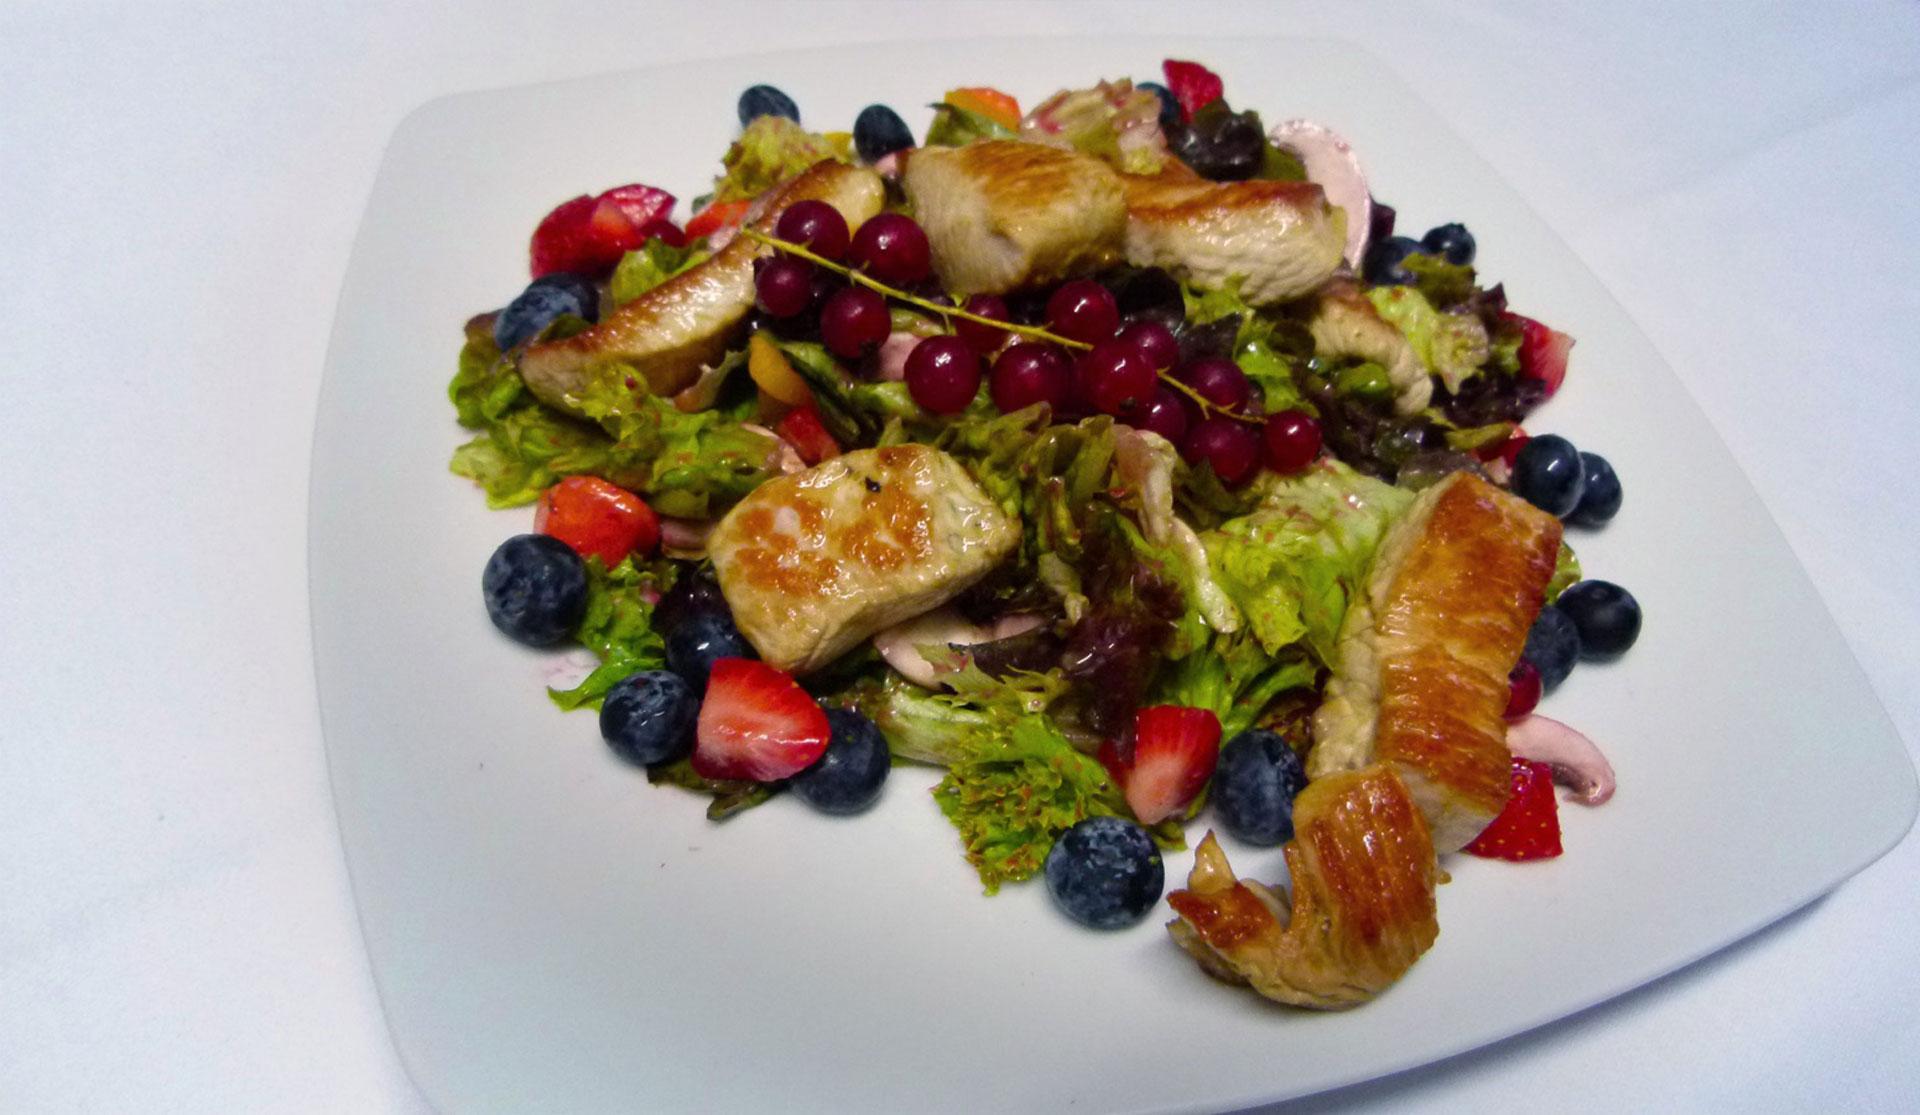 04_Bunt-gemischter_Salat-mit_Fruechten_und-Huehnchen